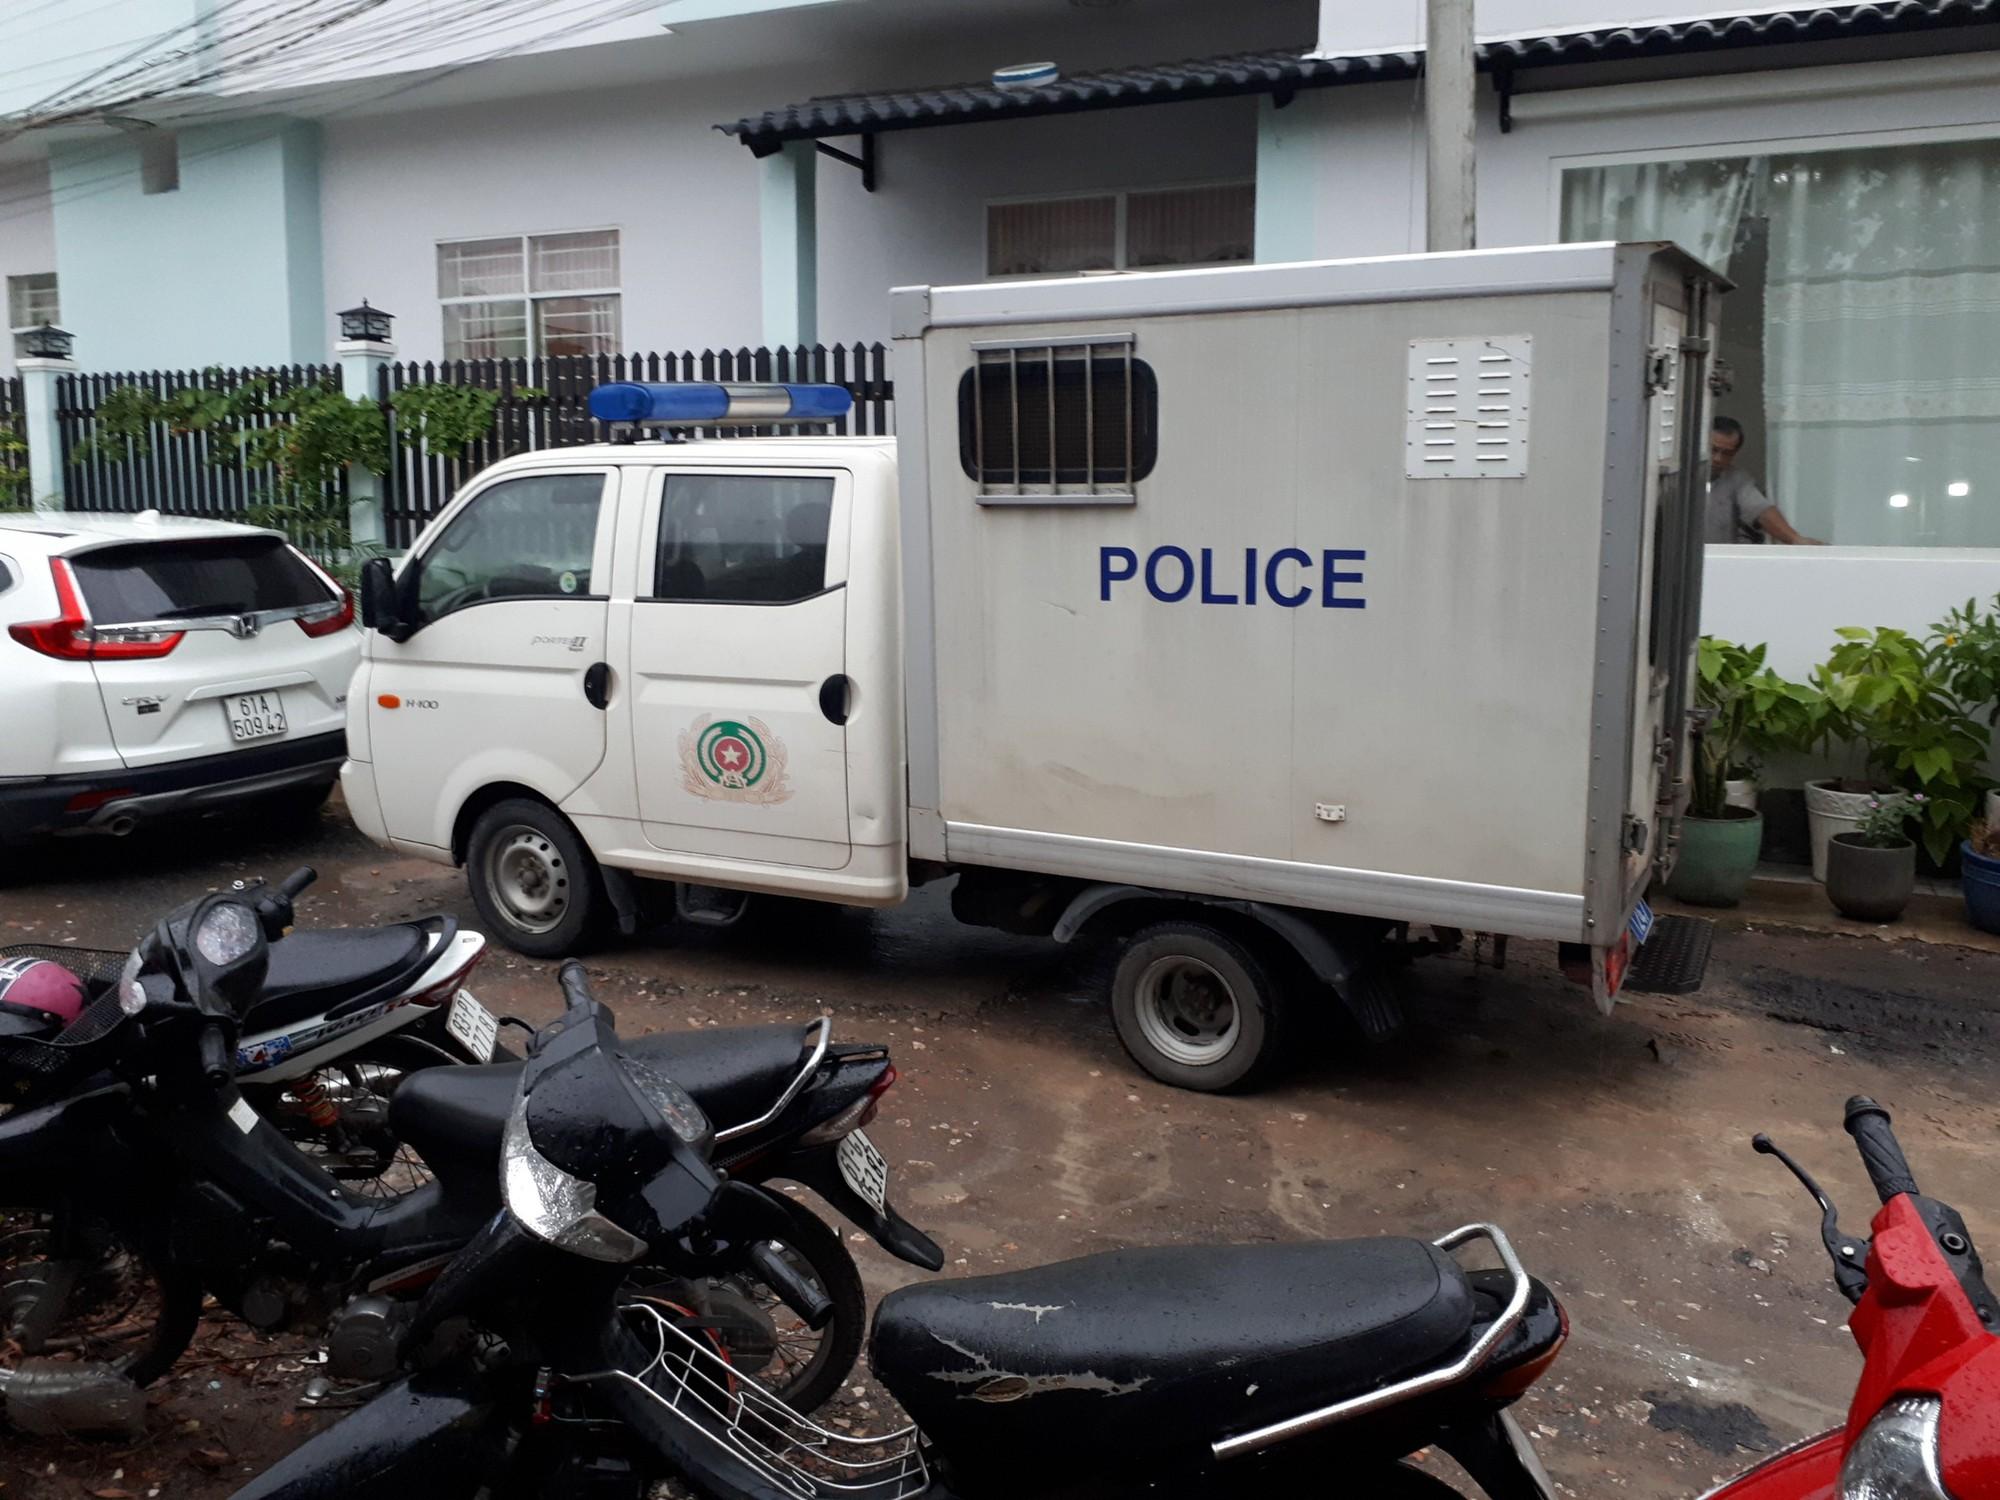 Hiện trường nghi án chủ nhà trọ 80 tuổi bị sát hại cướp tài sản - Ảnh 3.